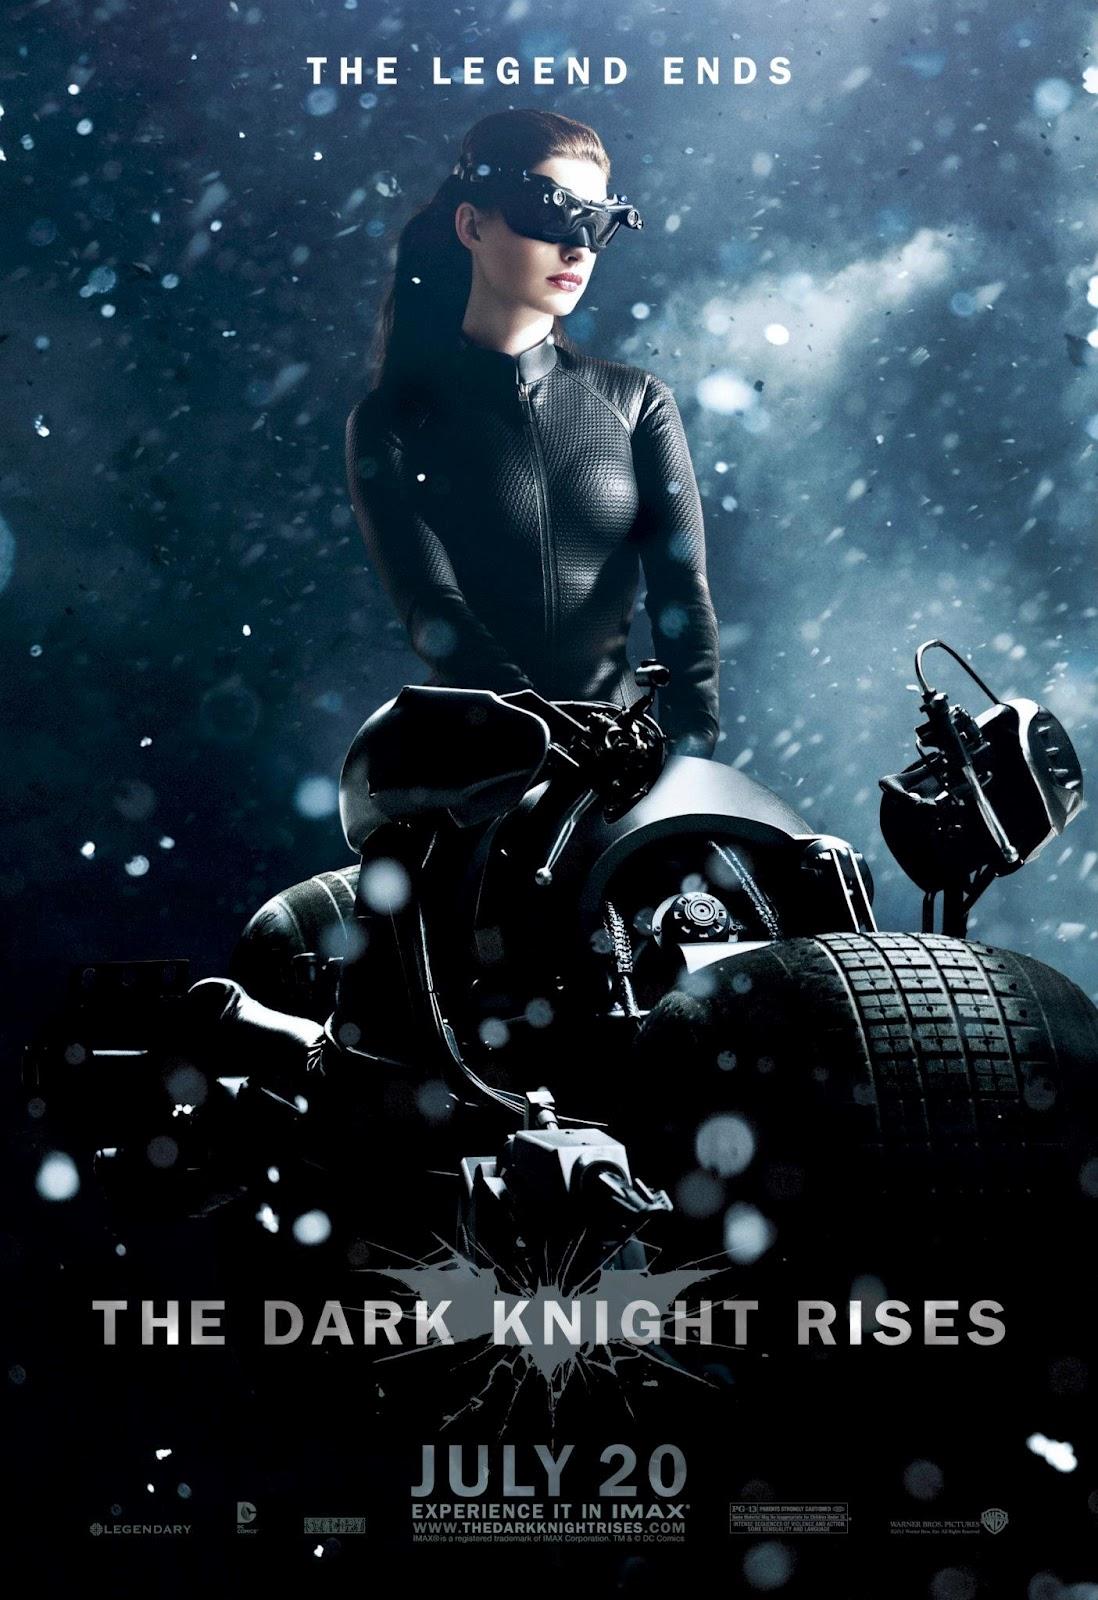 http://3.bp.blogspot.com/-Uqq6K-Ujc78/T8A9_7oG6II/AAAAAAAAJIc/HhXqB_tMyfI/s1600/Anne+Hathaway++The+Dark+Knight+Rises++Posters+(1).jpg